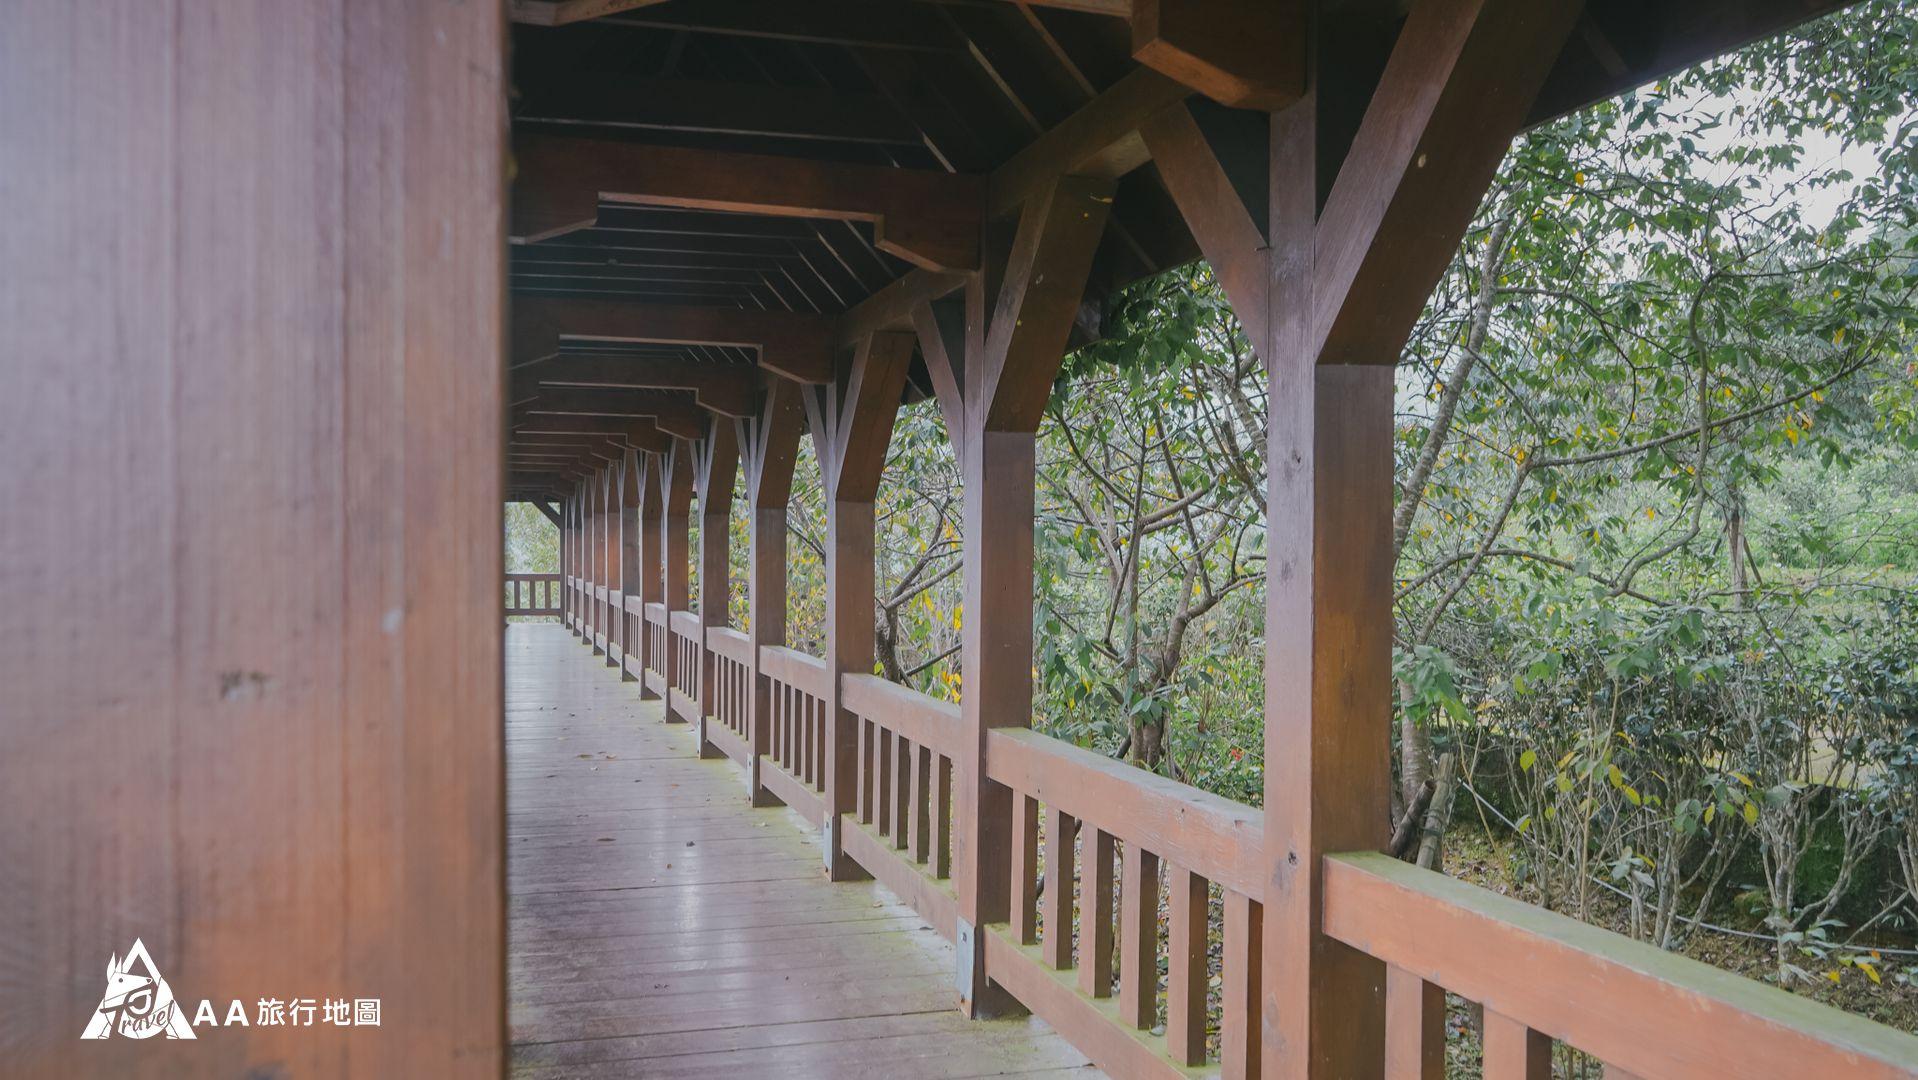 鳳凰亭序 這個是最上面的觀景迴廊,長長的木走道很適合拍照